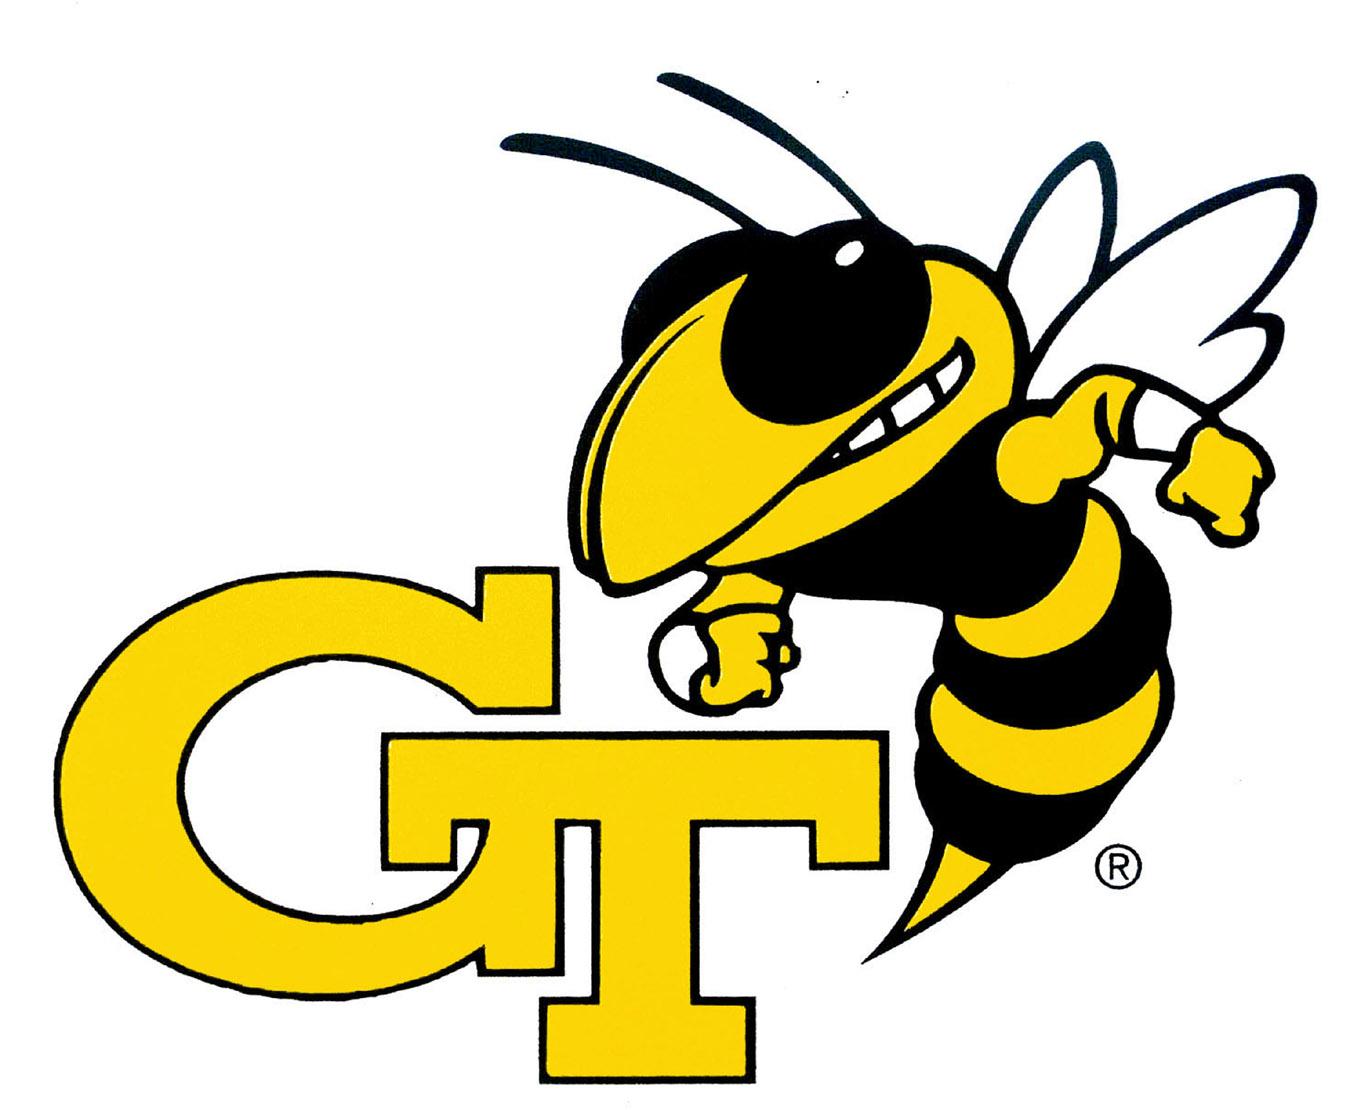 http://ofarrellcm.com/wp-content/uploads/2012/09/georgia-tech-logo.jpg